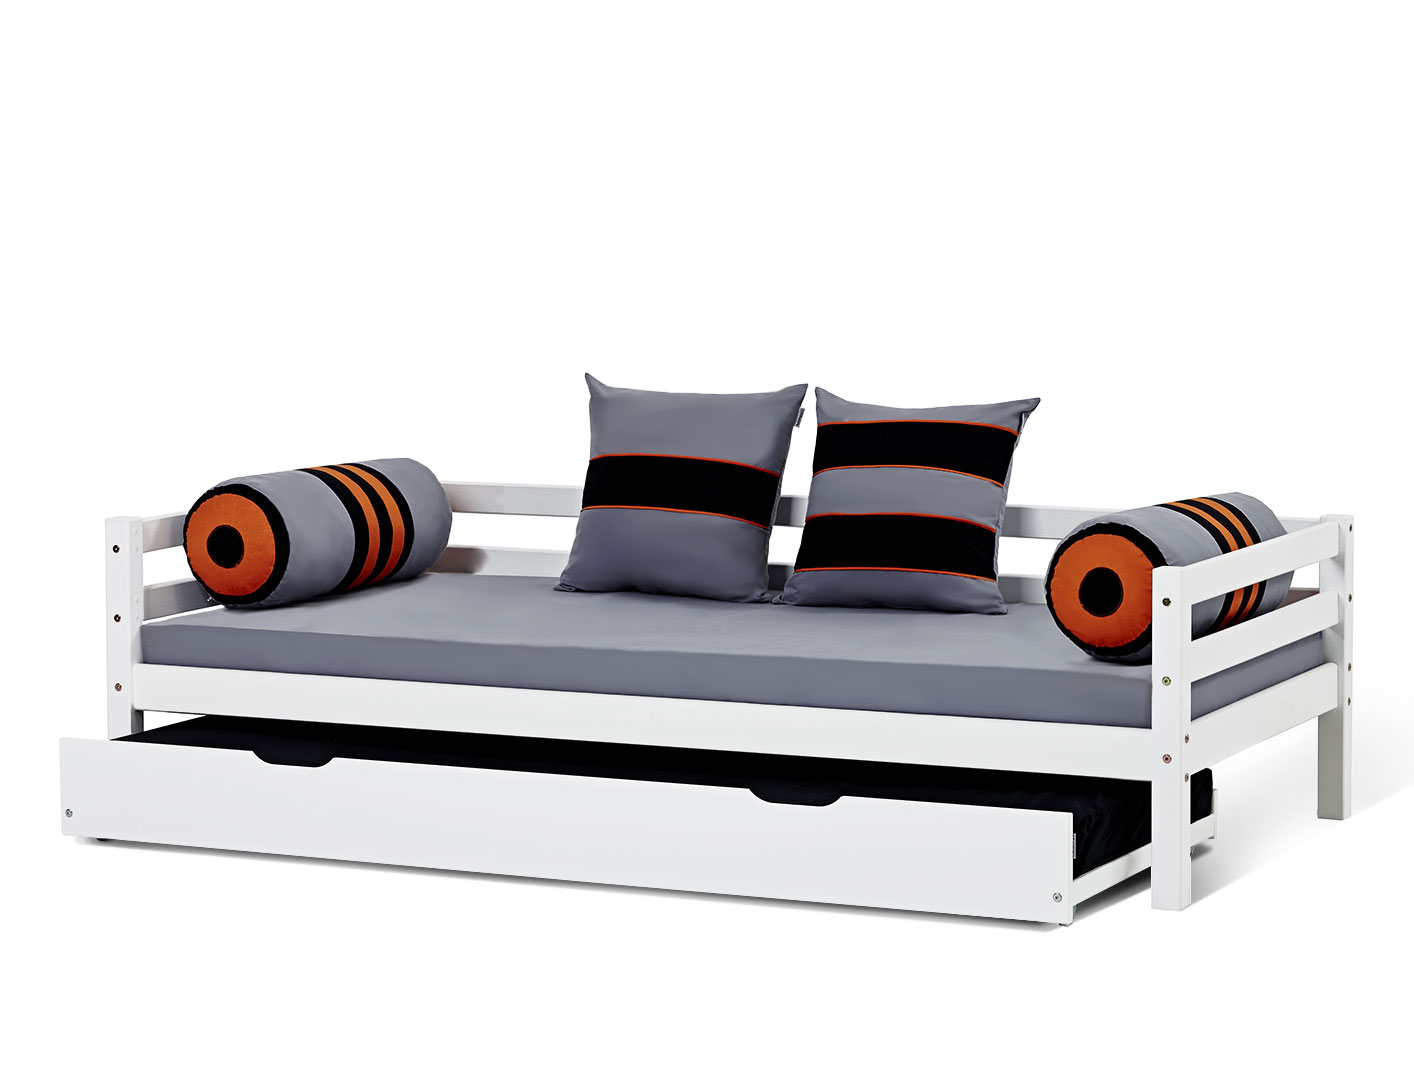 ausziehbett aus wei lackierter kiefer mit rost kids heaven. Black Bedroom Furniture Sets. Home Design Ideas